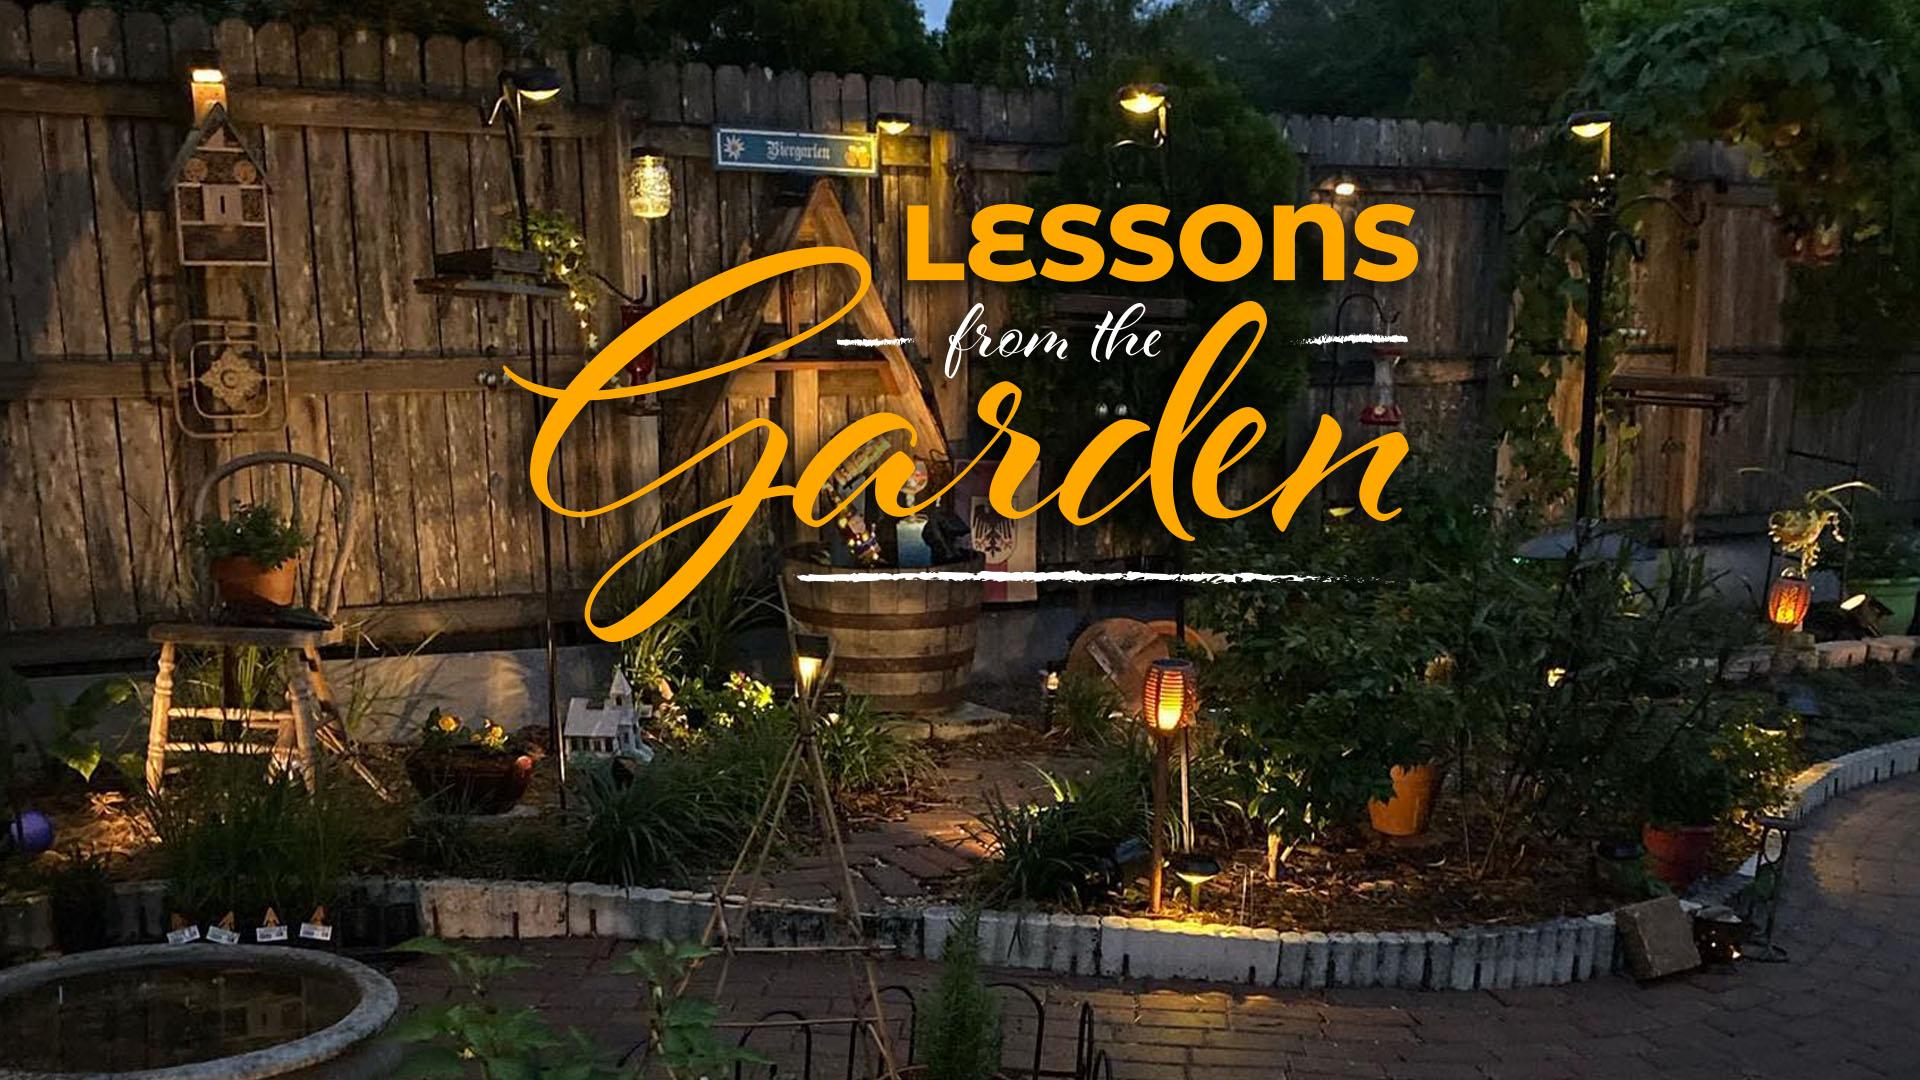 The Journey in the Garden (Jesus Believes in You)